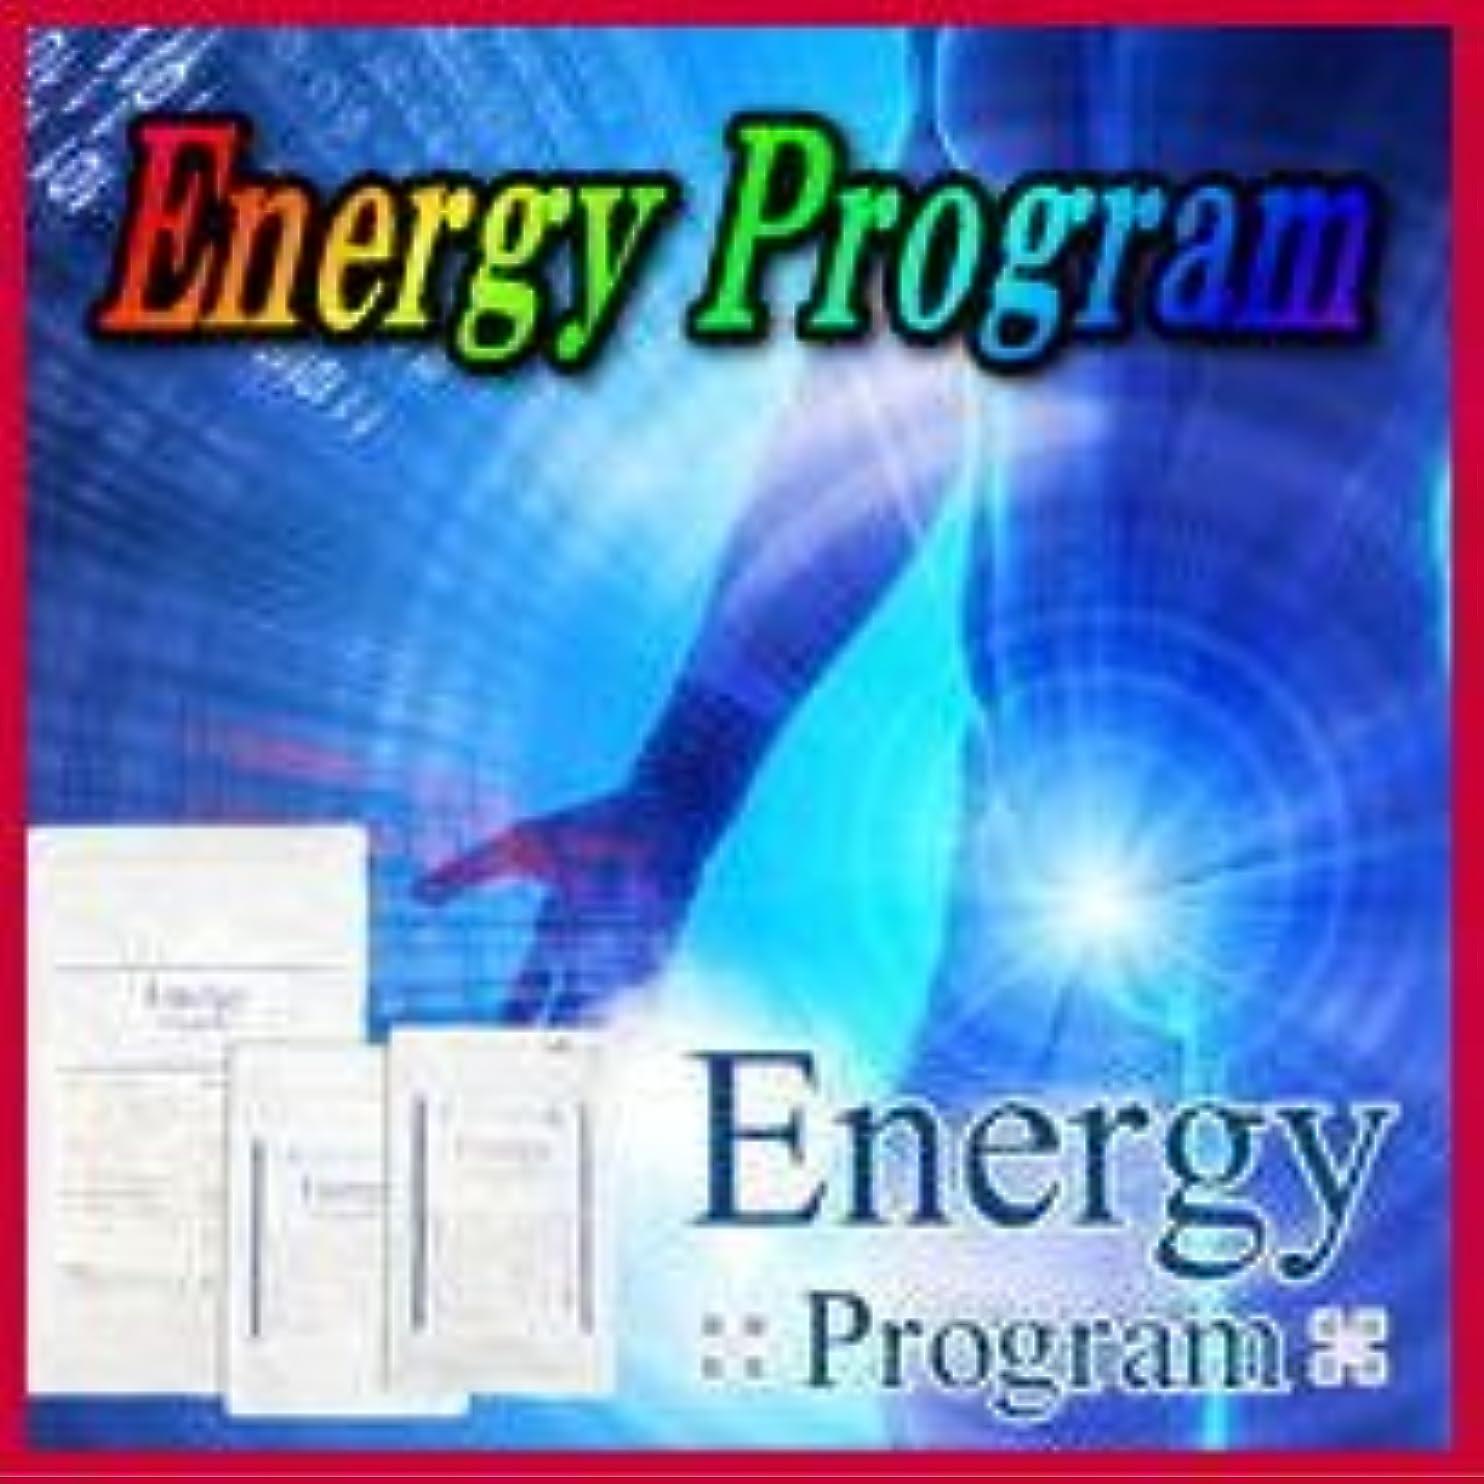 補充虹説明★Energy Program(エナジープログラム) サプリ+ドリンク強力融合でシトルリンンとアルギニンが強力コラボ!